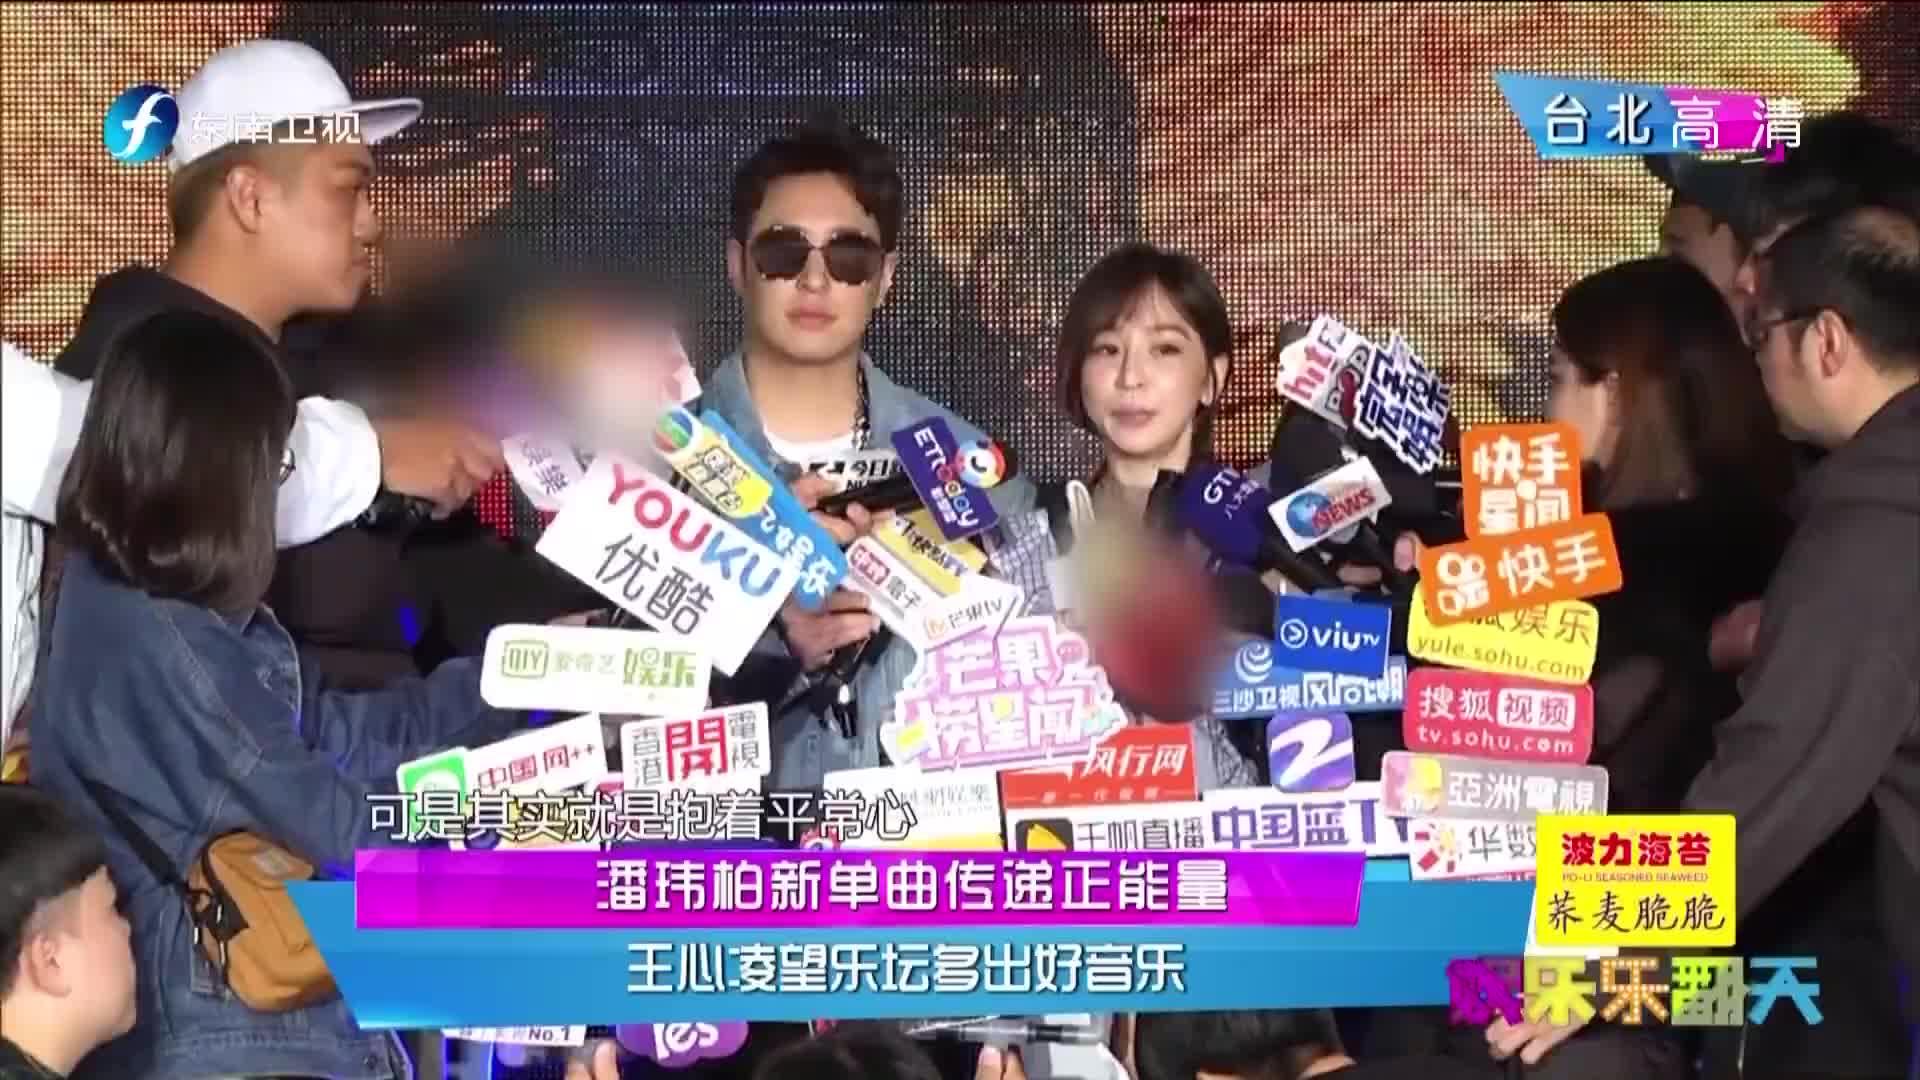 [视频]潘玮柏新单曲传递正能量 王心凌望乐坛多出好音乐